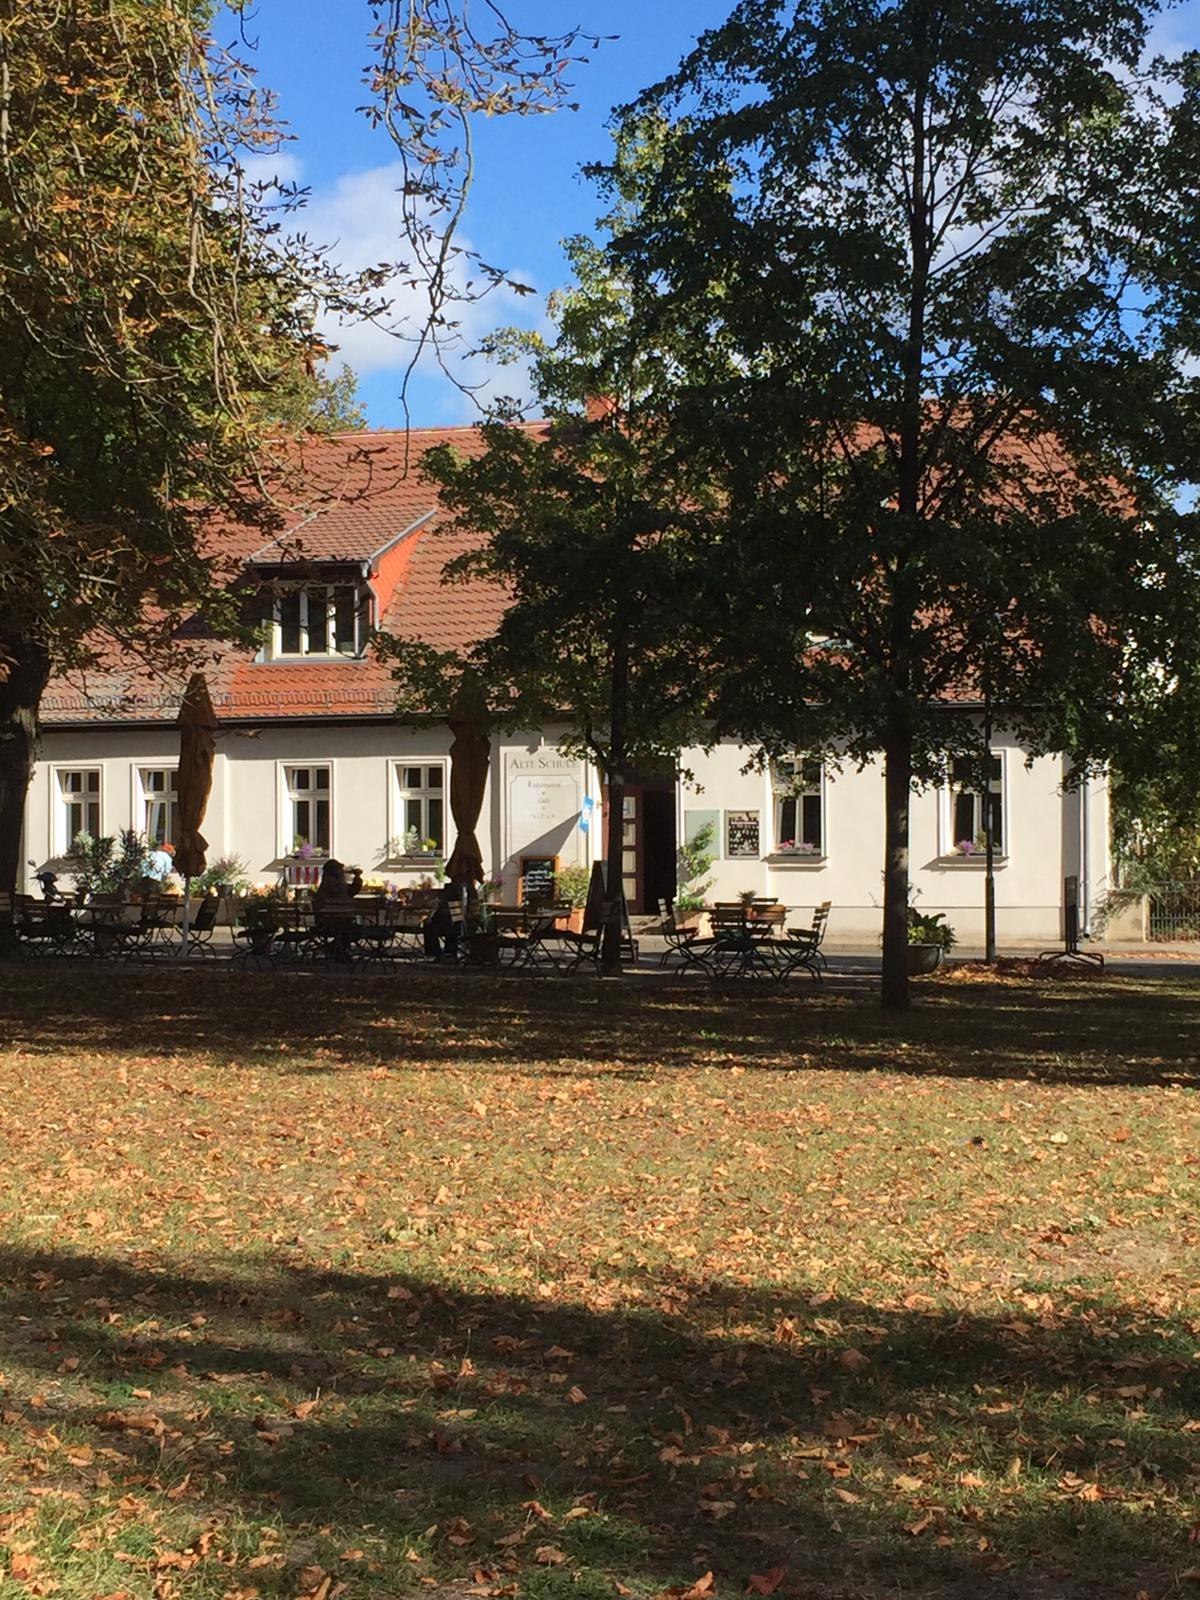 Ribbeck_wecyclebrandenburg4.JPG